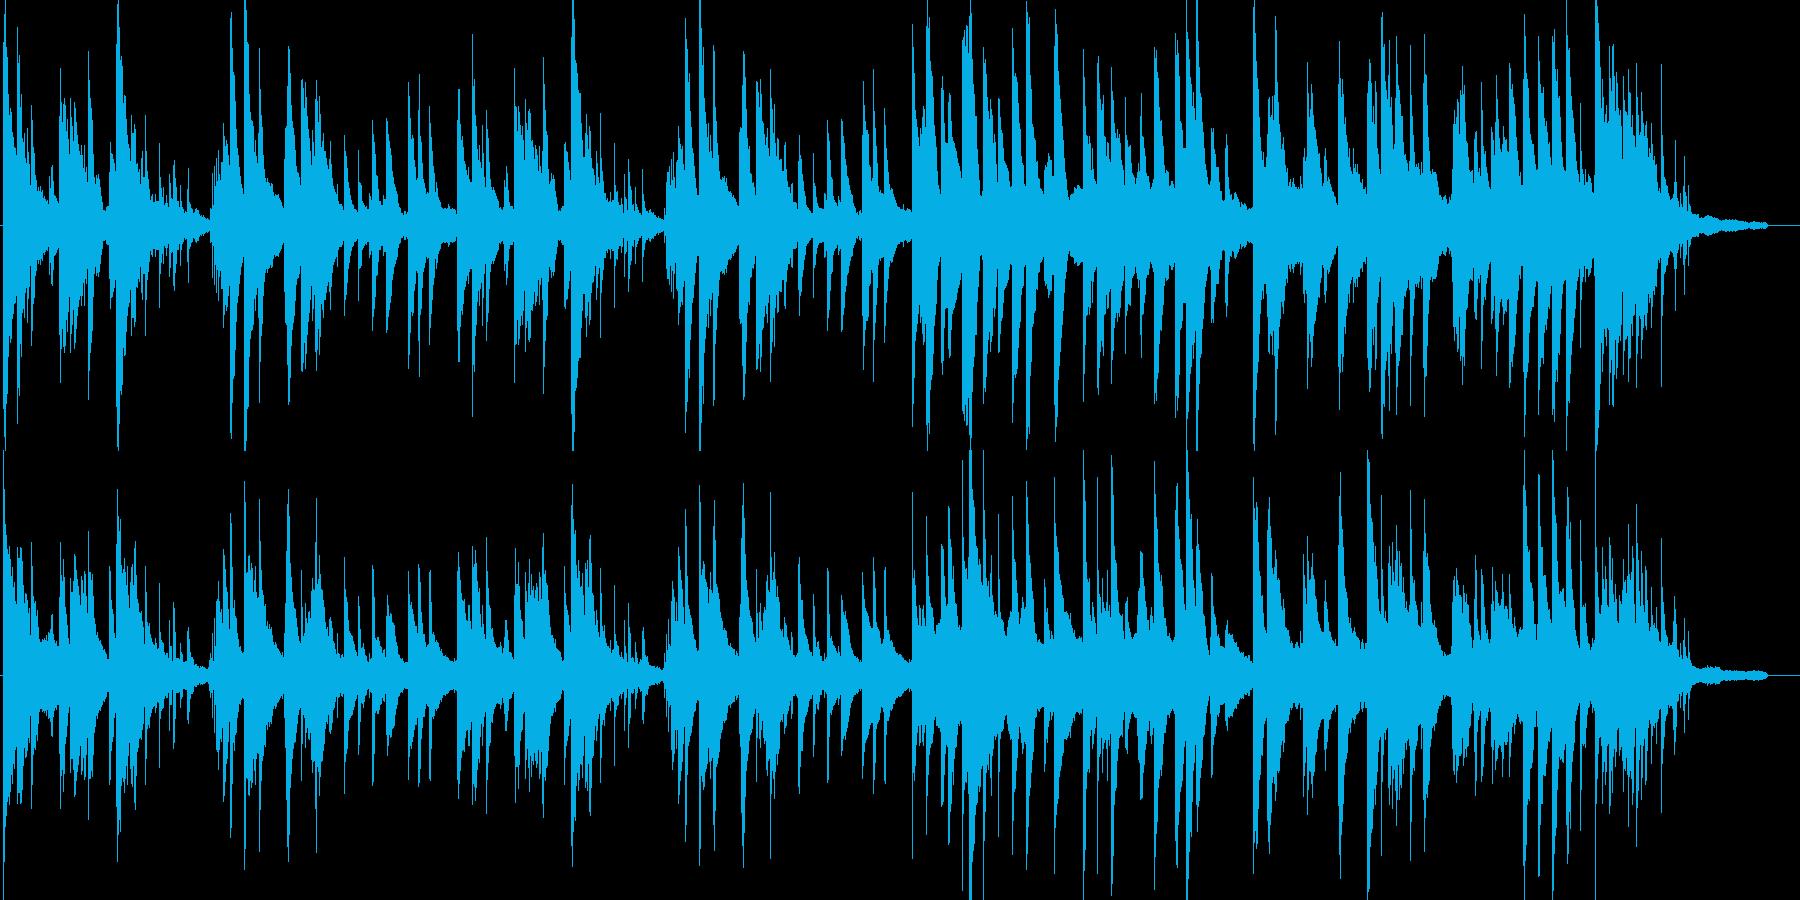 透明感・幻想的・ピアノ・イベント・映像の再生済みの波形